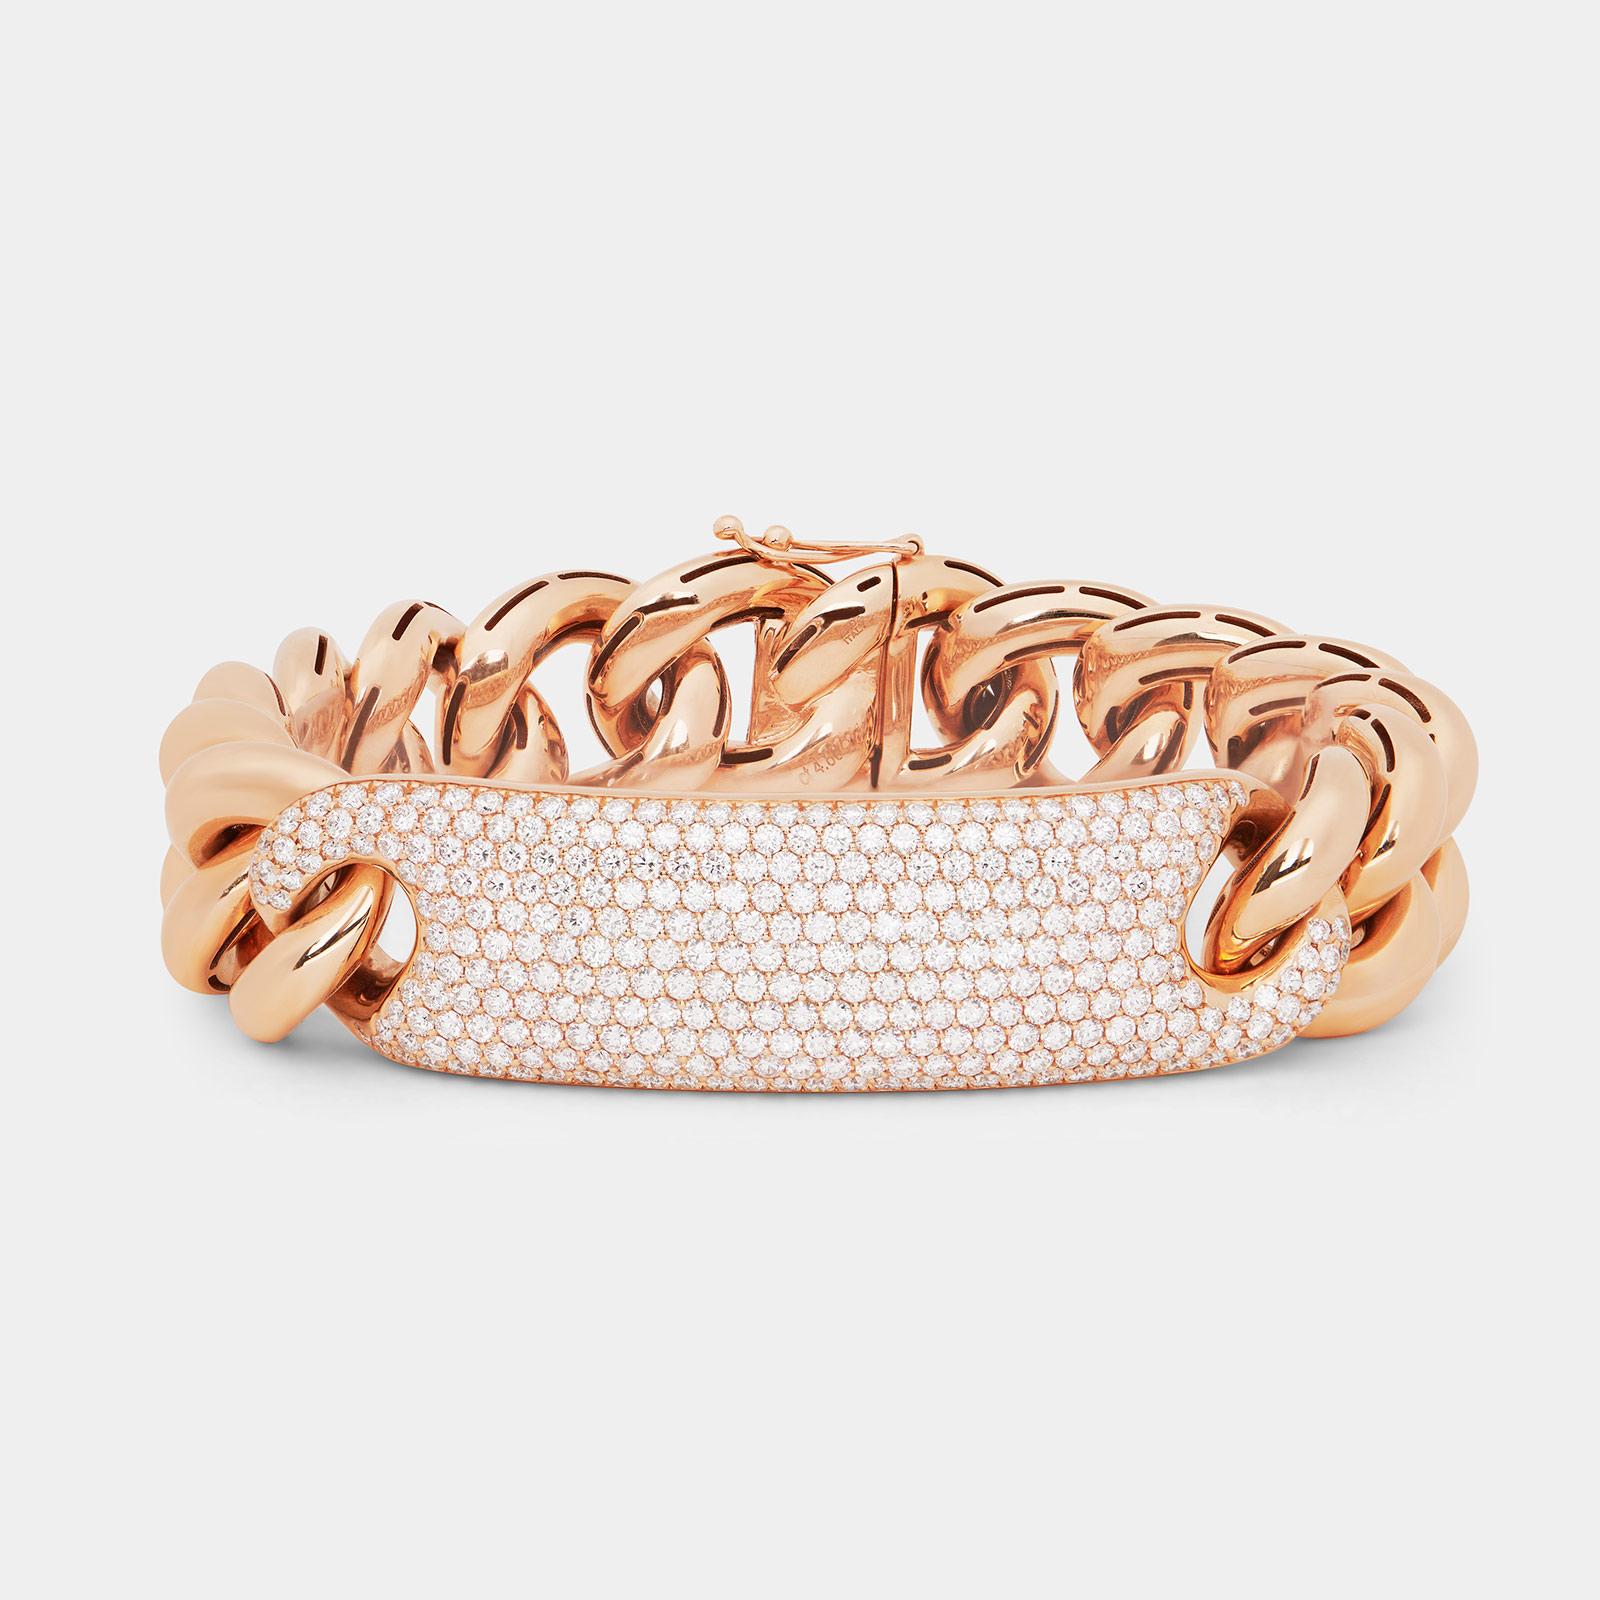 Bracciale groumette in oro rosa e pavé di diamanti - Rosanna Cattolico gioielli